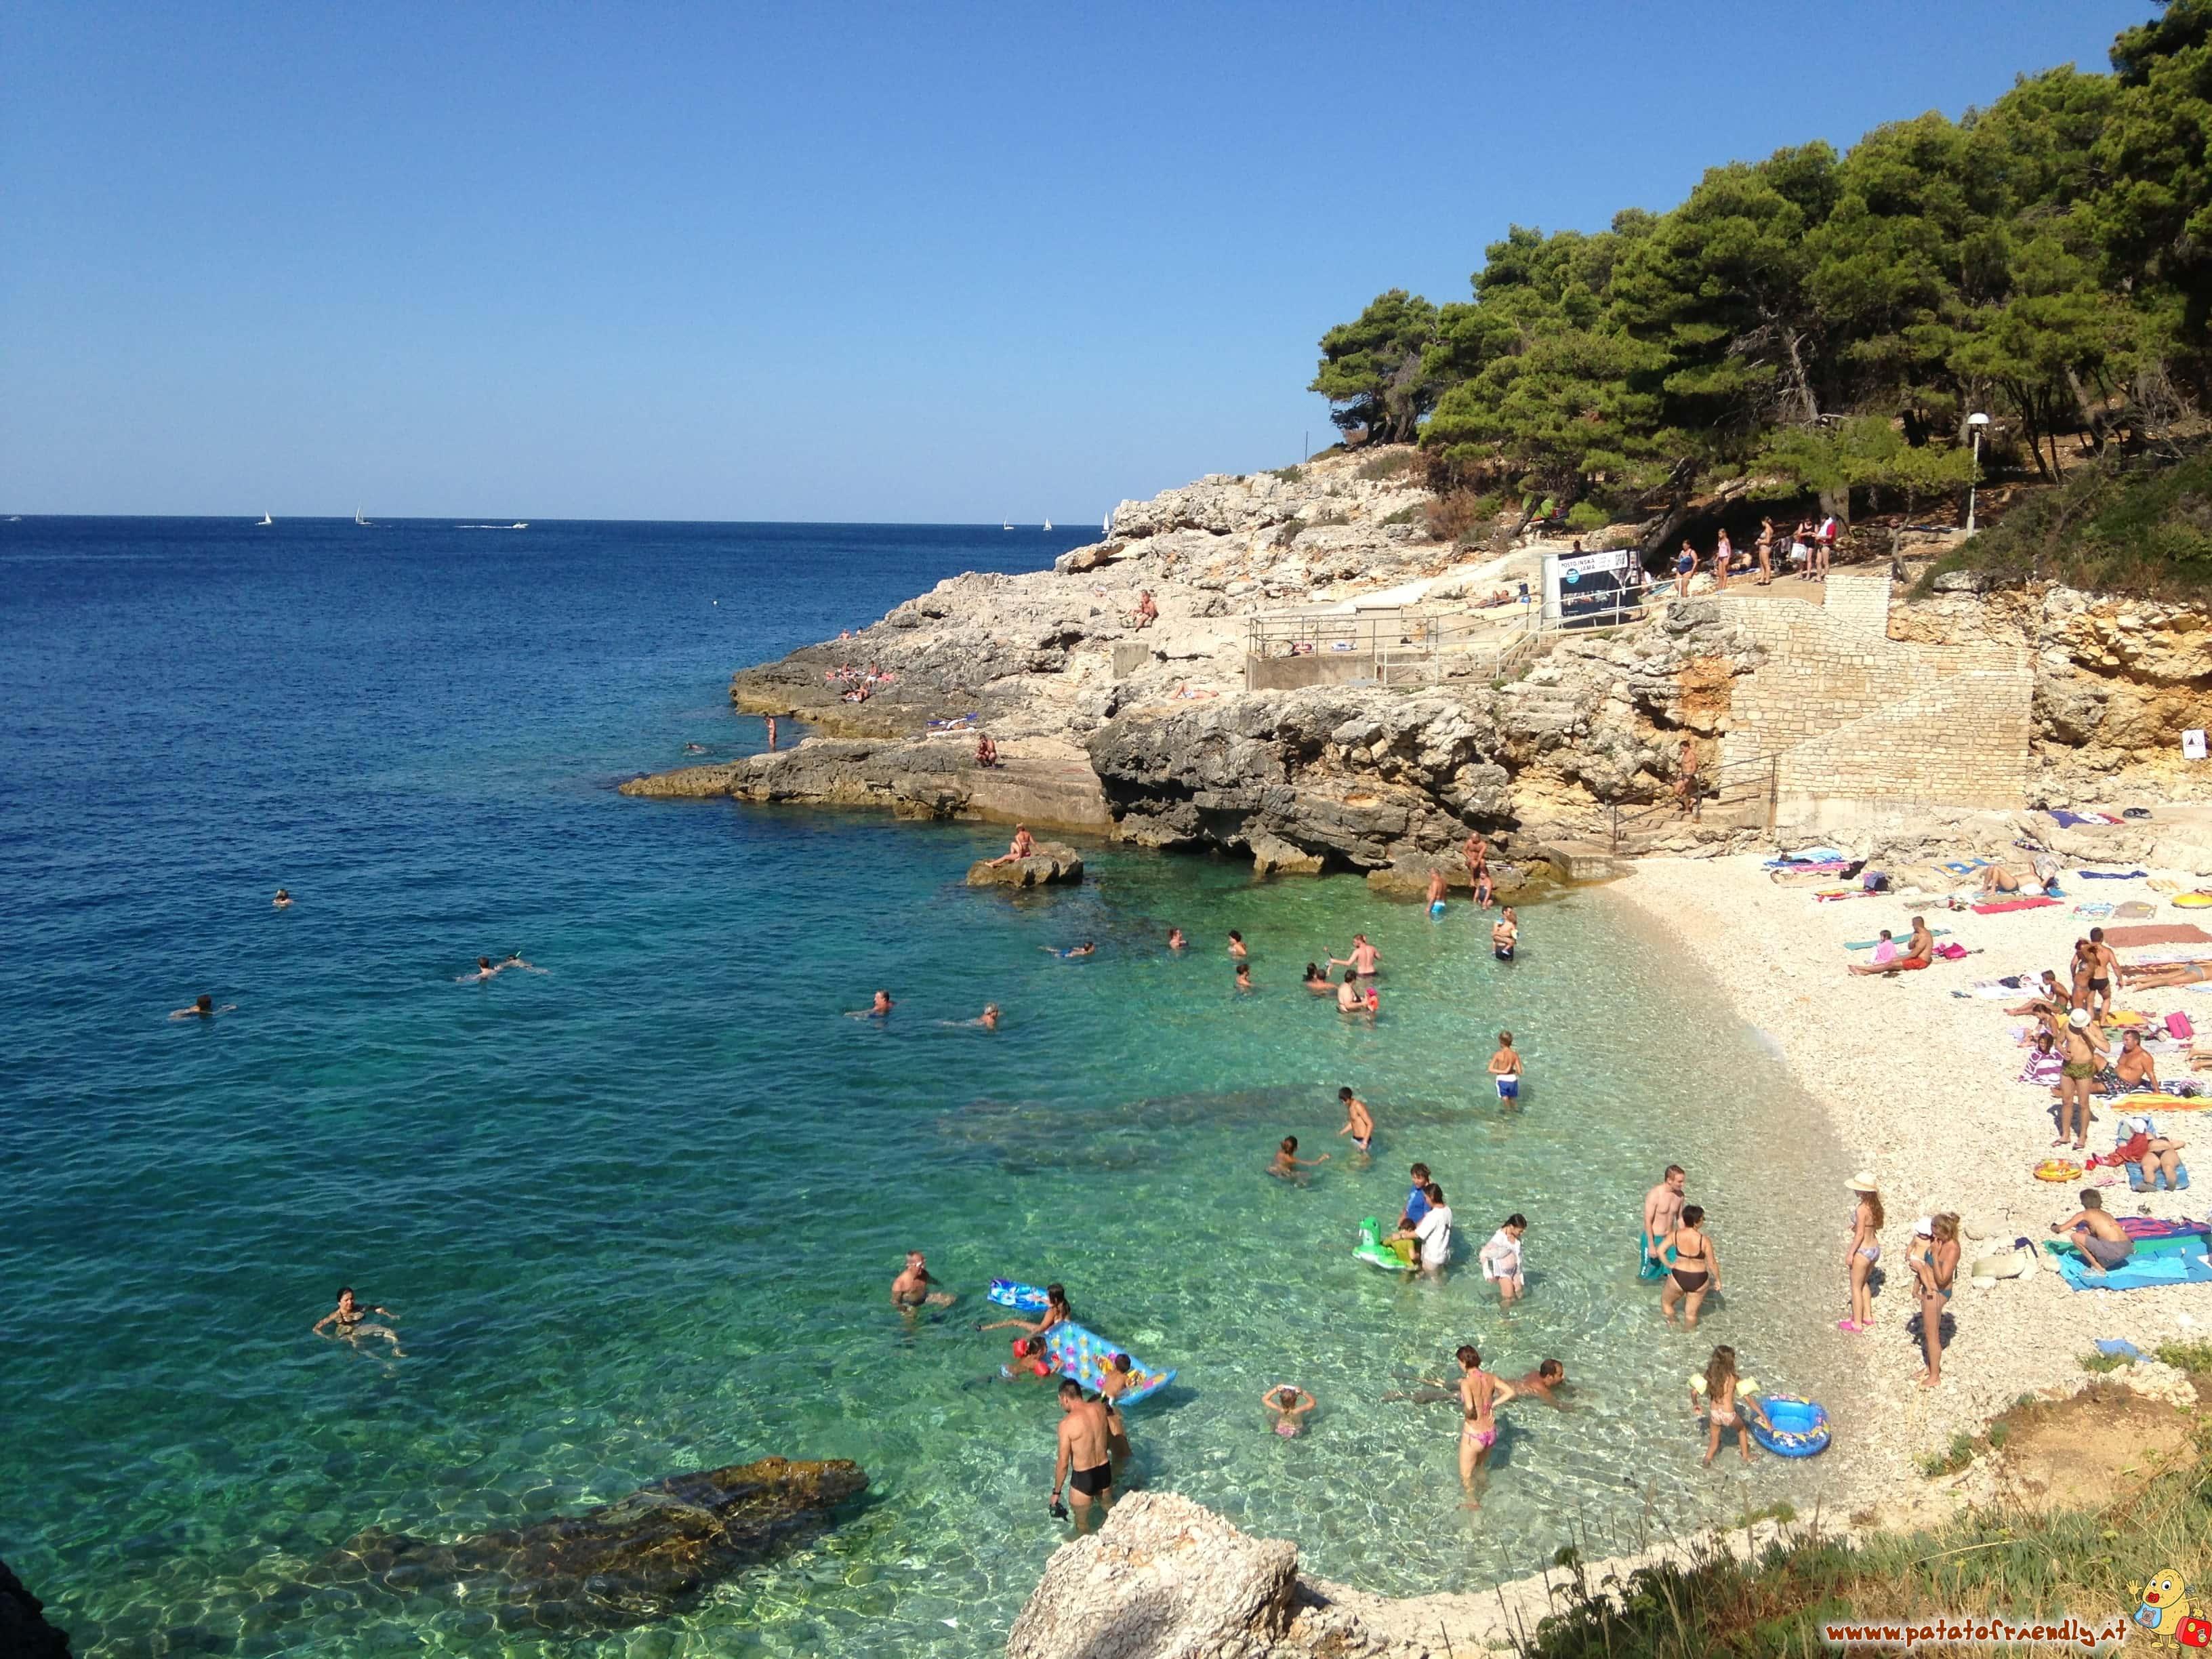 Spiaggia - Credits www.patatofriendly.it